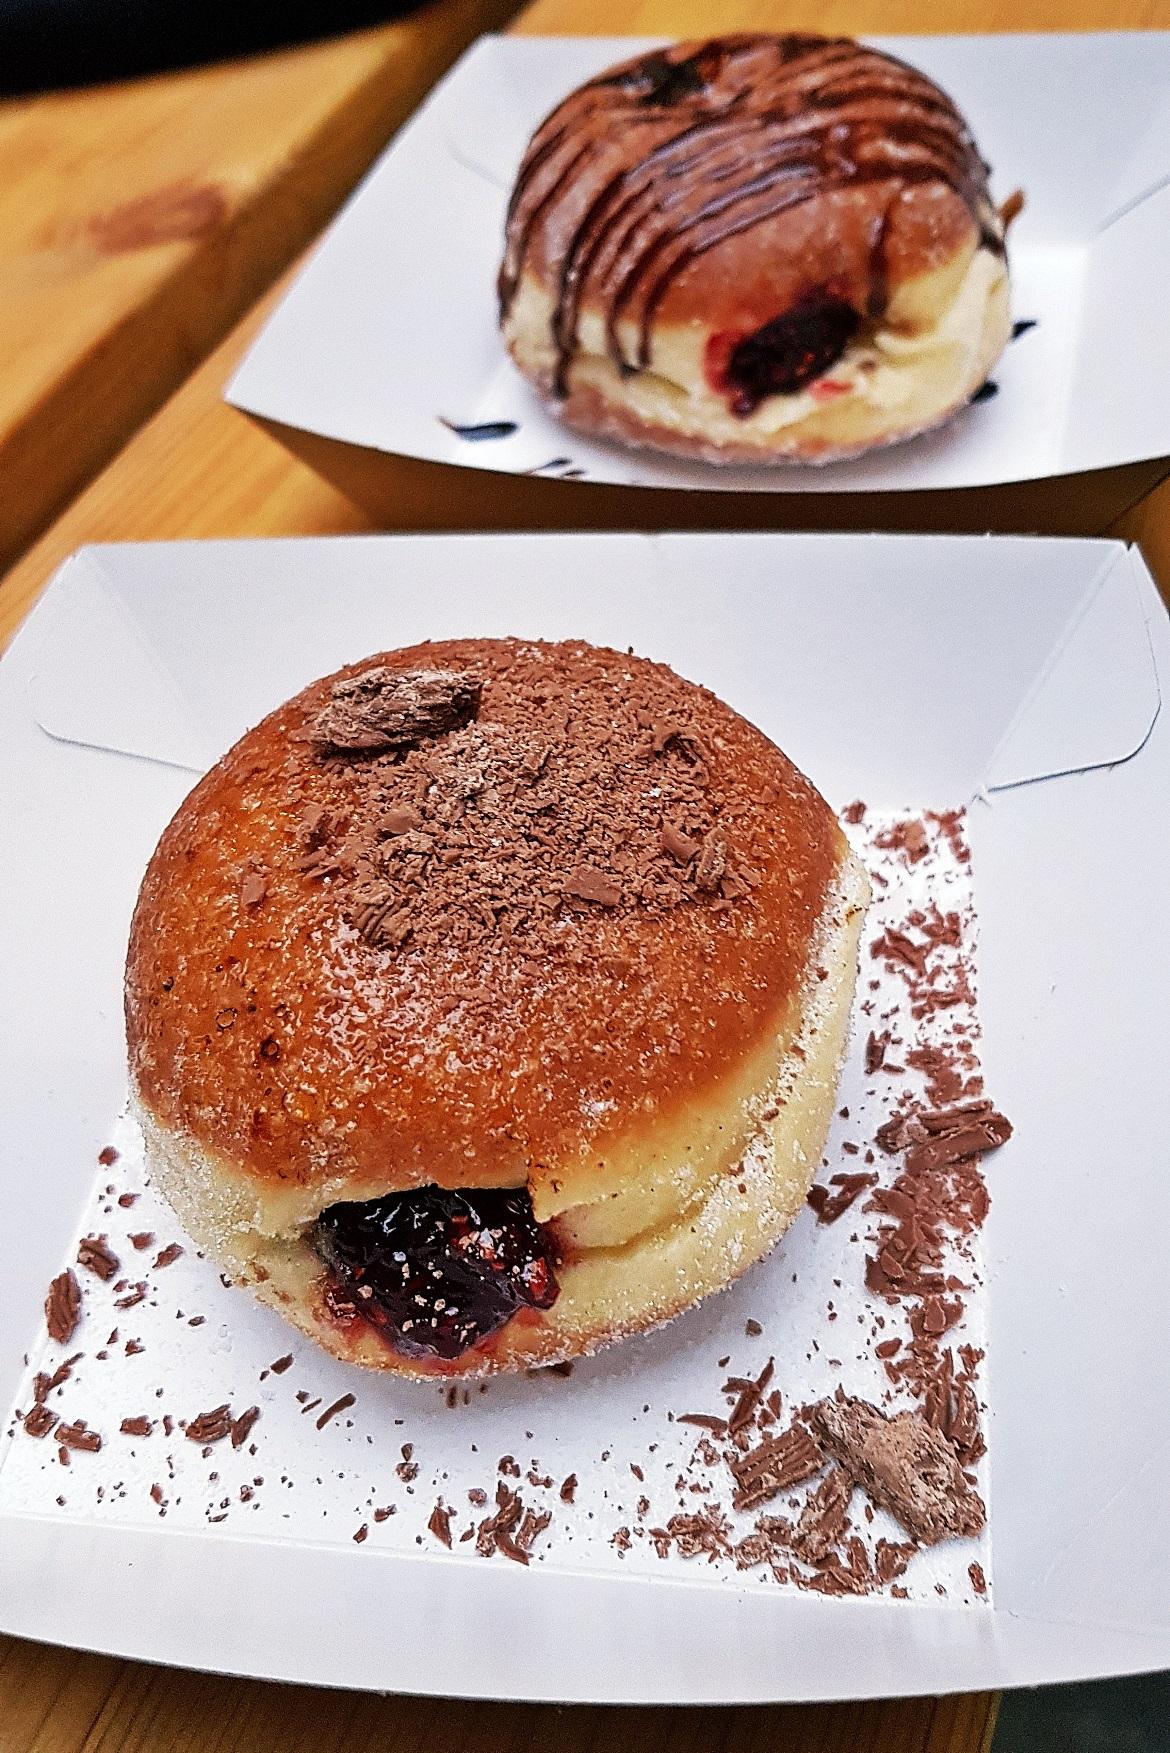 Doh'hut doughnuts - December Monthly Recap by BeckyBecky Blogs